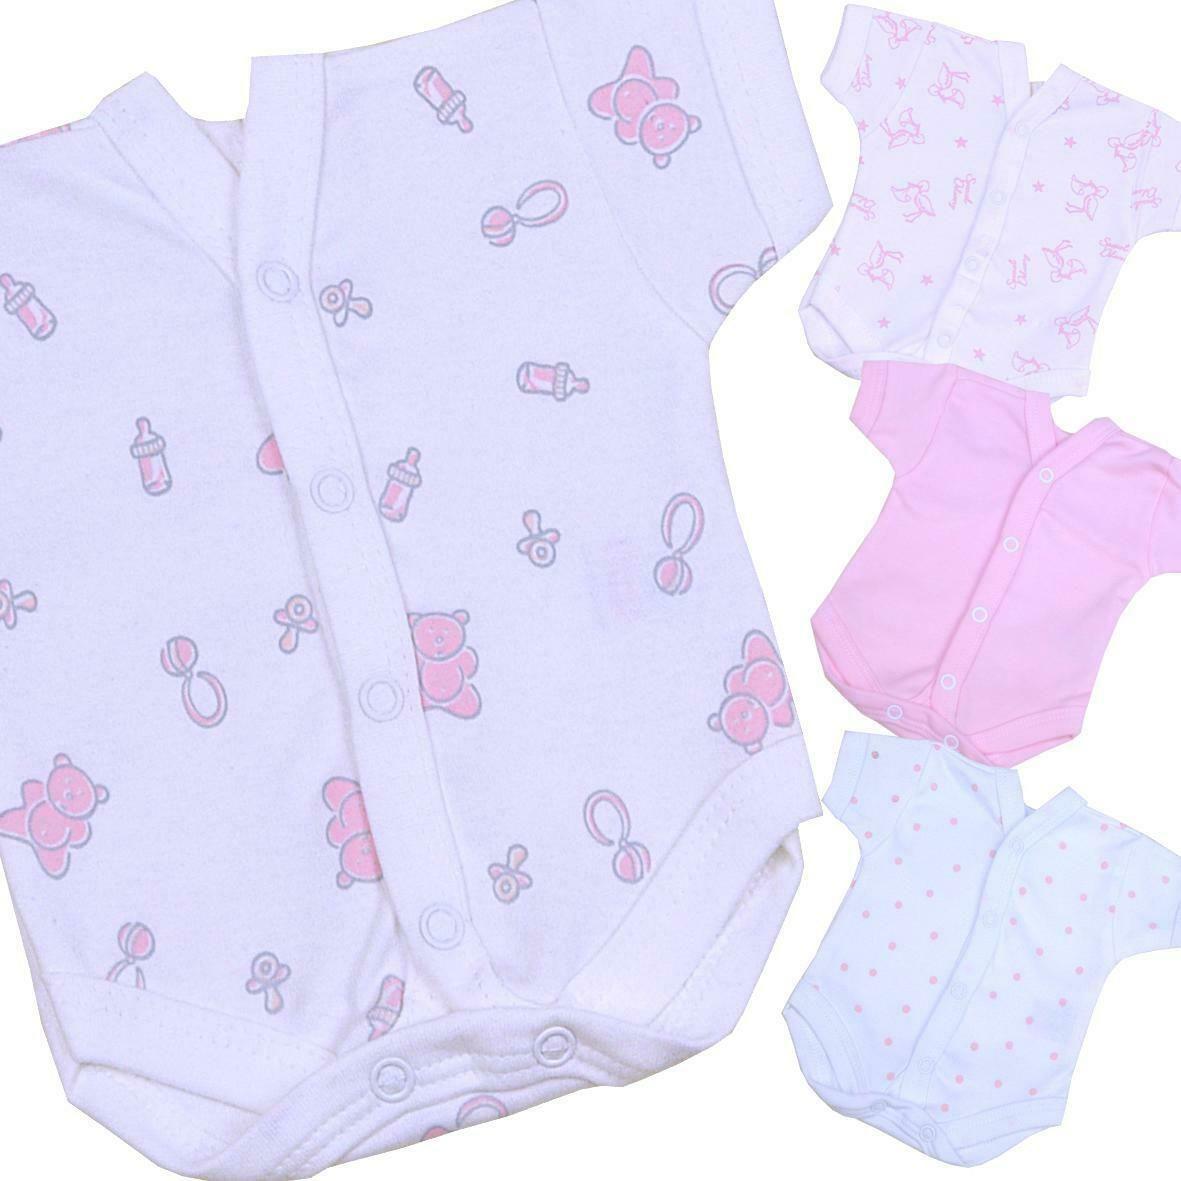 Babyprem Bébé Prématuré Filles Robes Nouveaux-nés vêtements Bébé Ensemble 2 pièces tenue